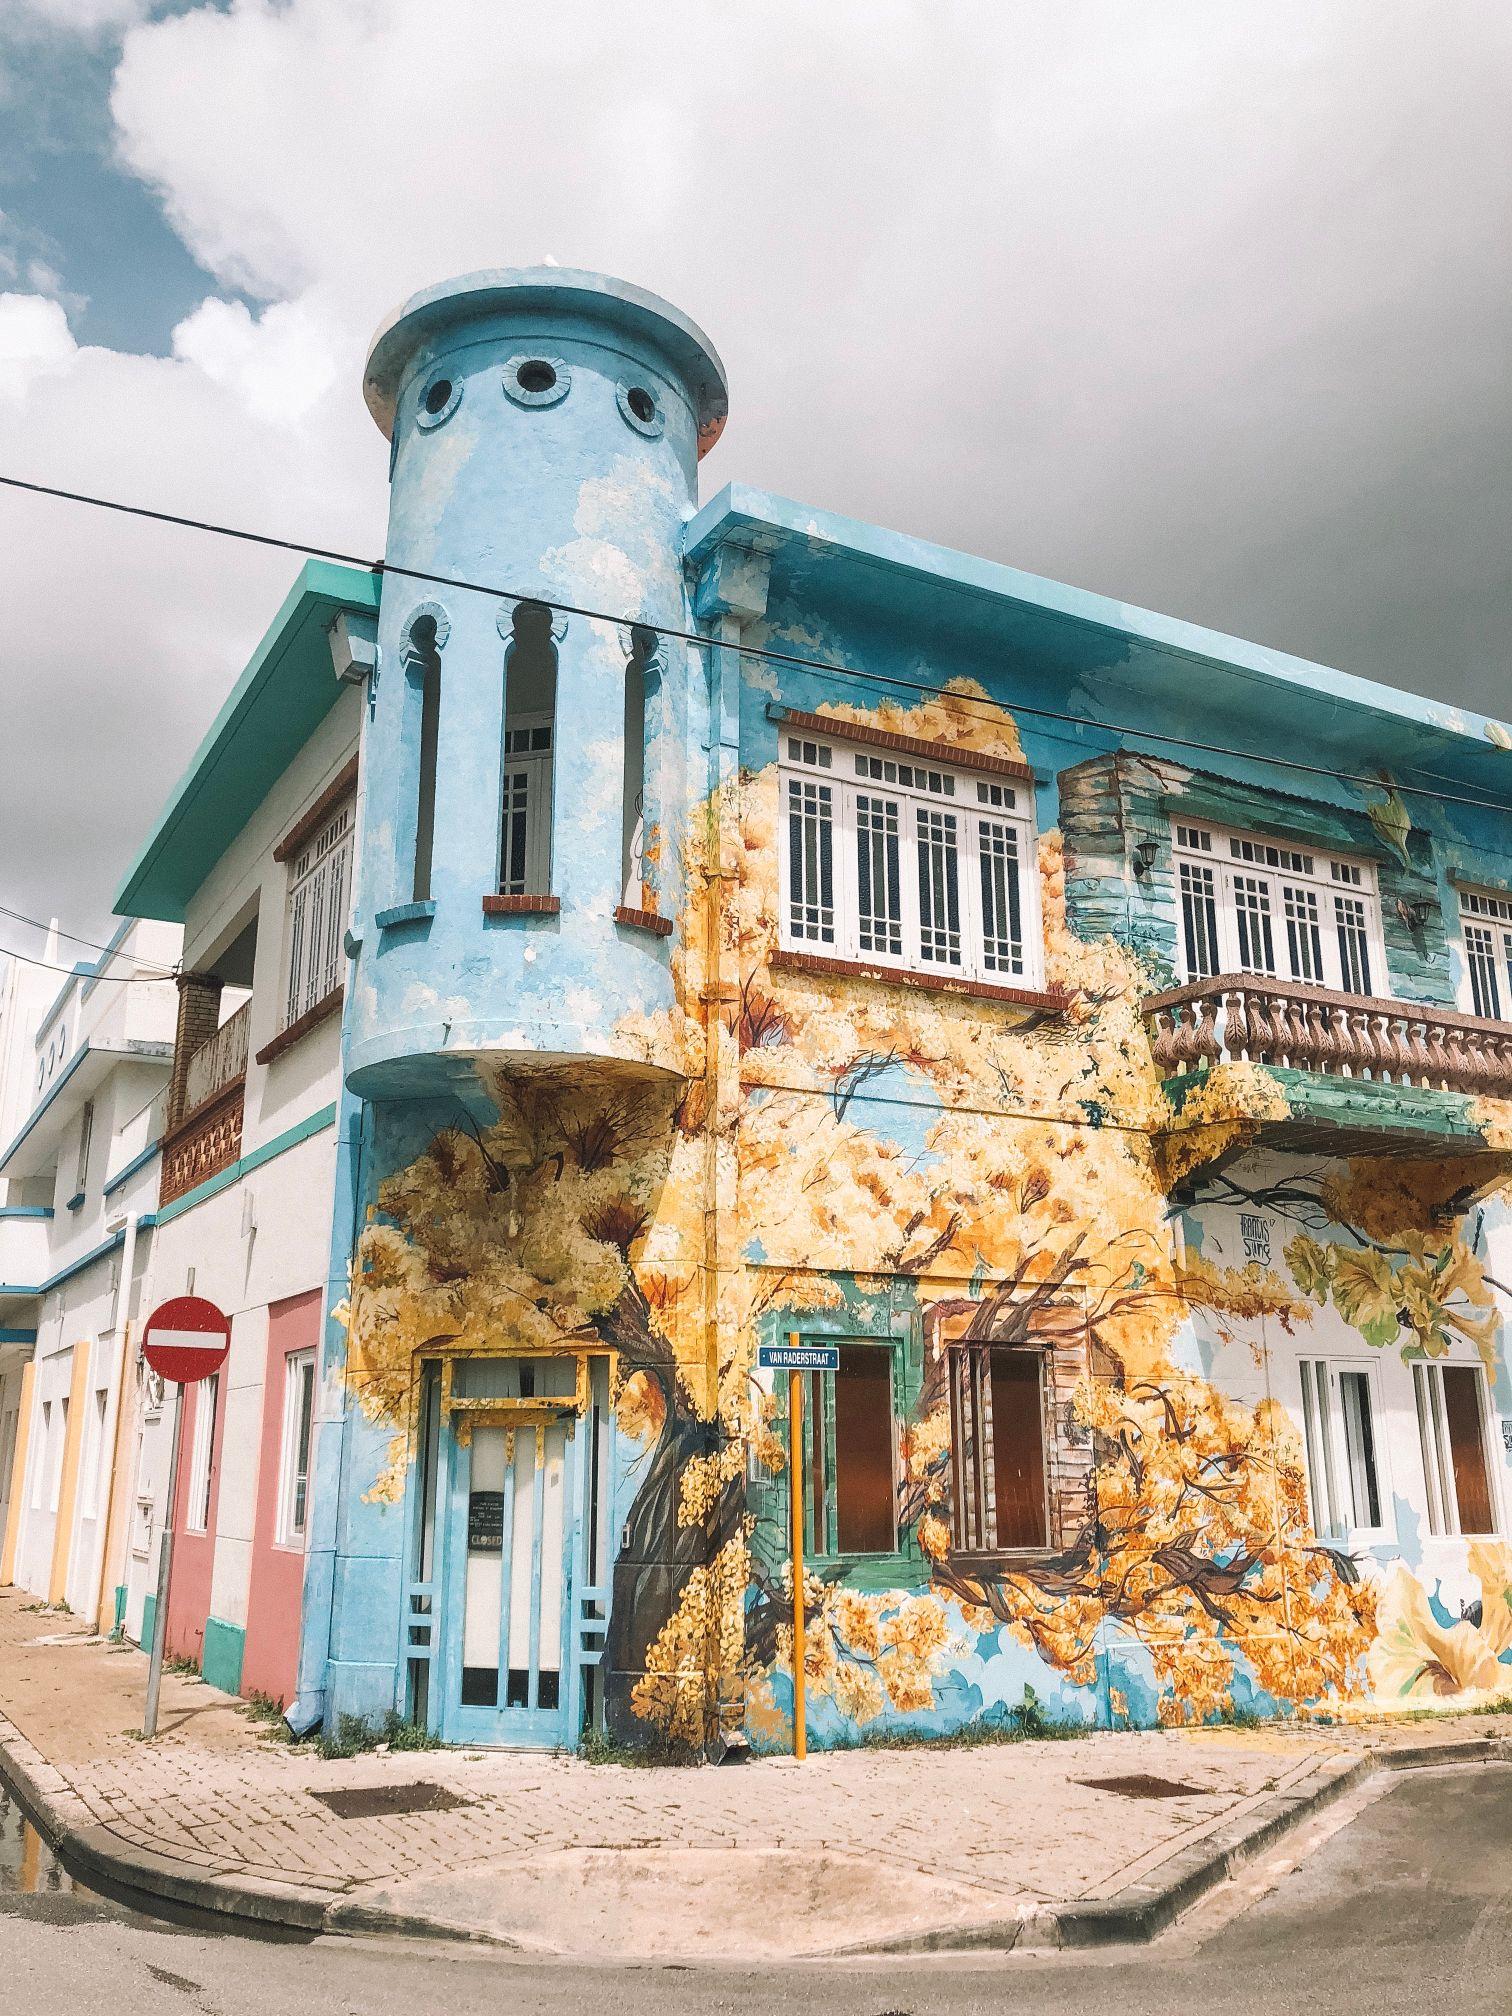 Carnet de voyage : Curaçao, un rêve en couleurs - 4